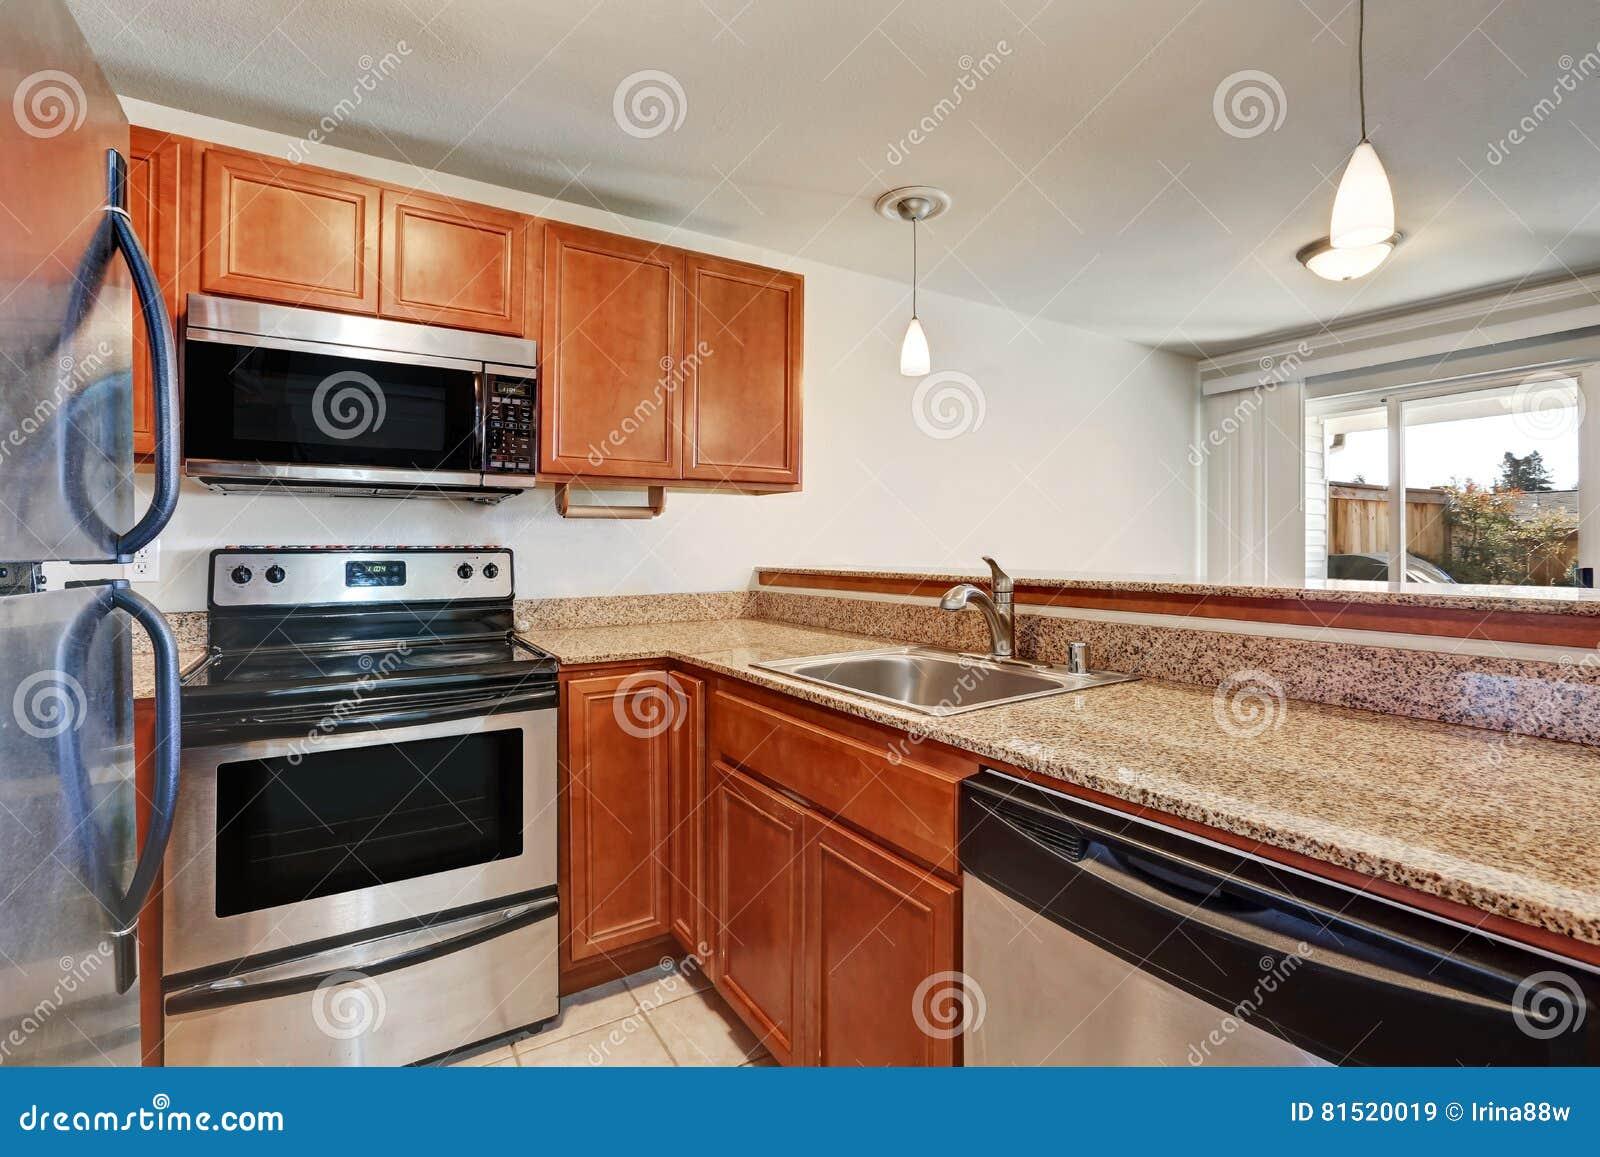 Design Kleine Keuken : De kleine keuken kenmerkt schudbekerkabinetten met granietcountertop